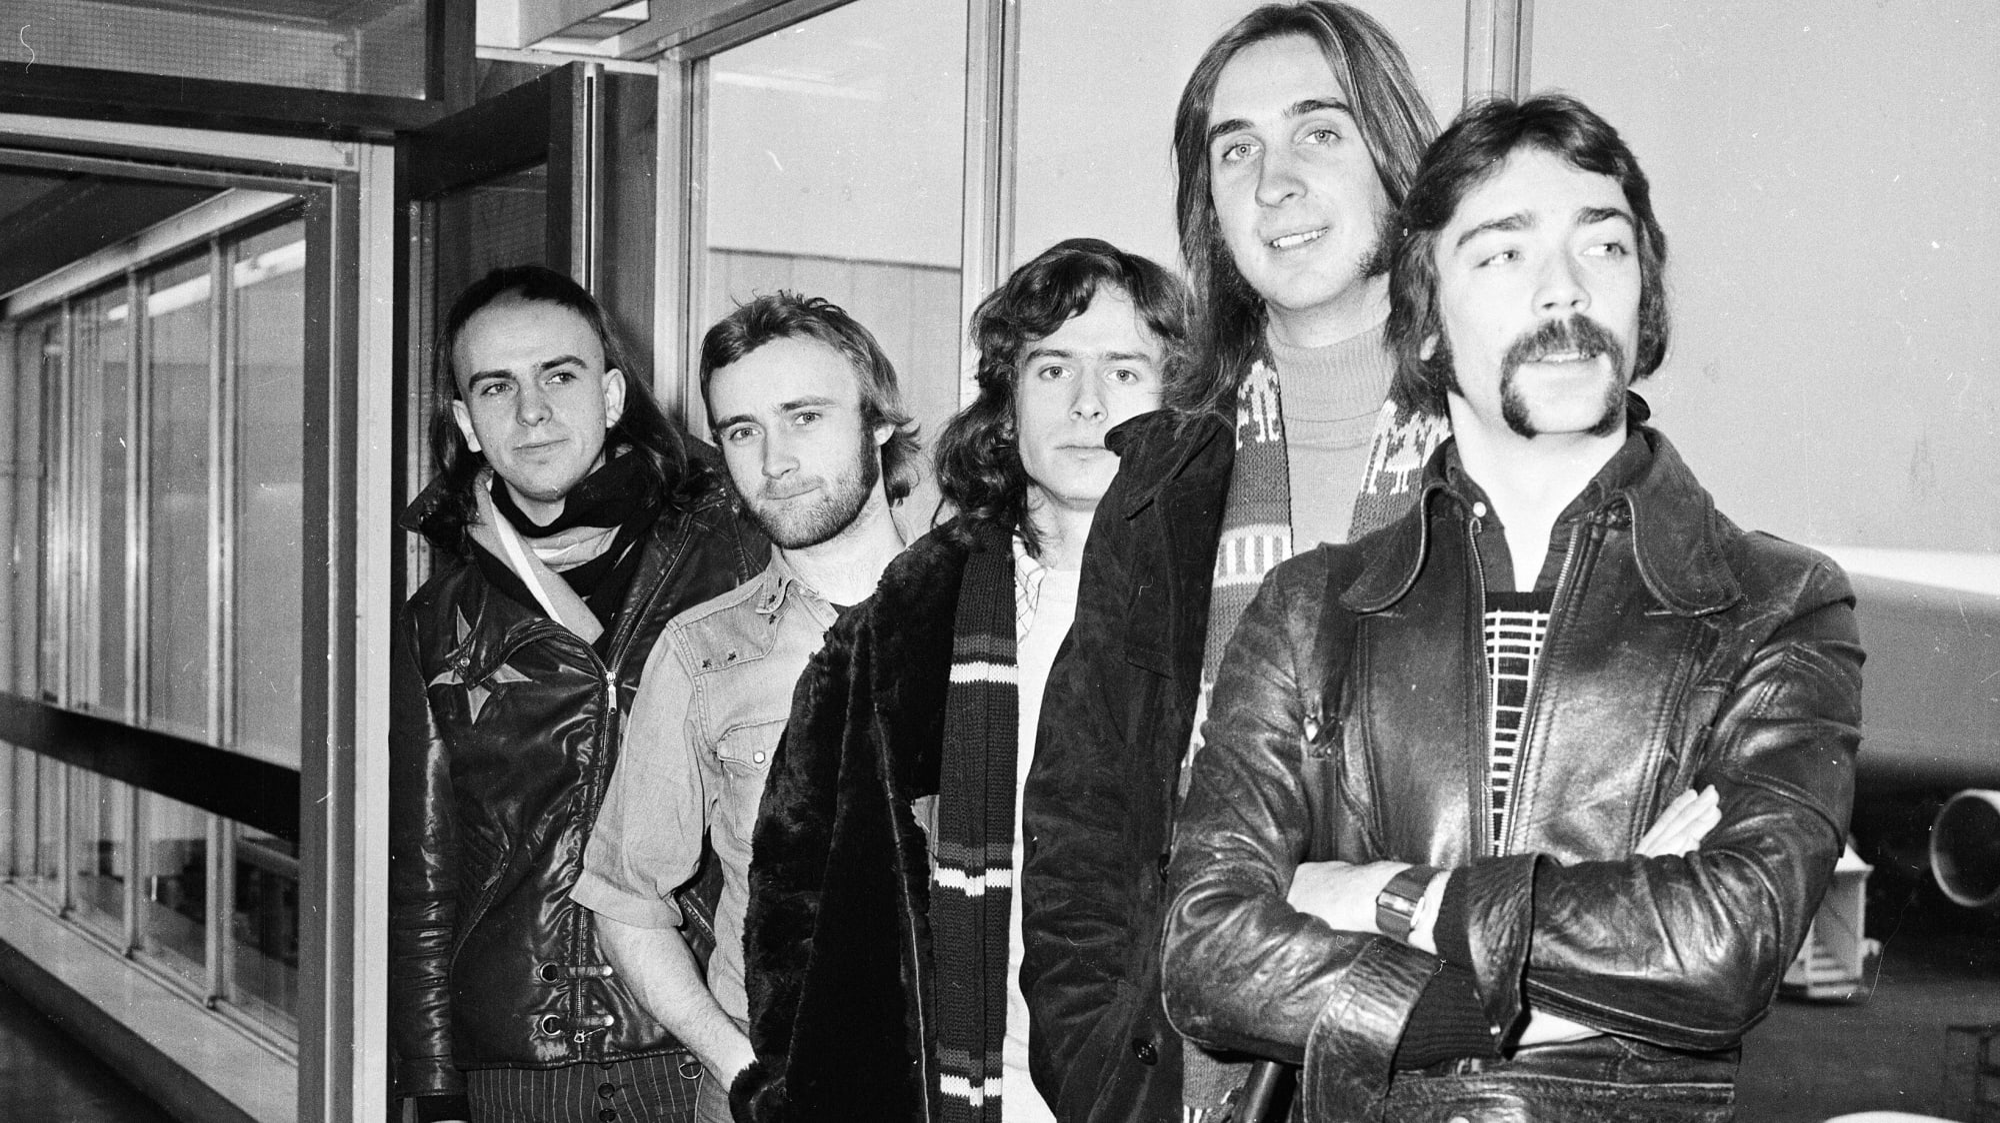 50 שנה ללהקת ג'נסיס. GettyImages